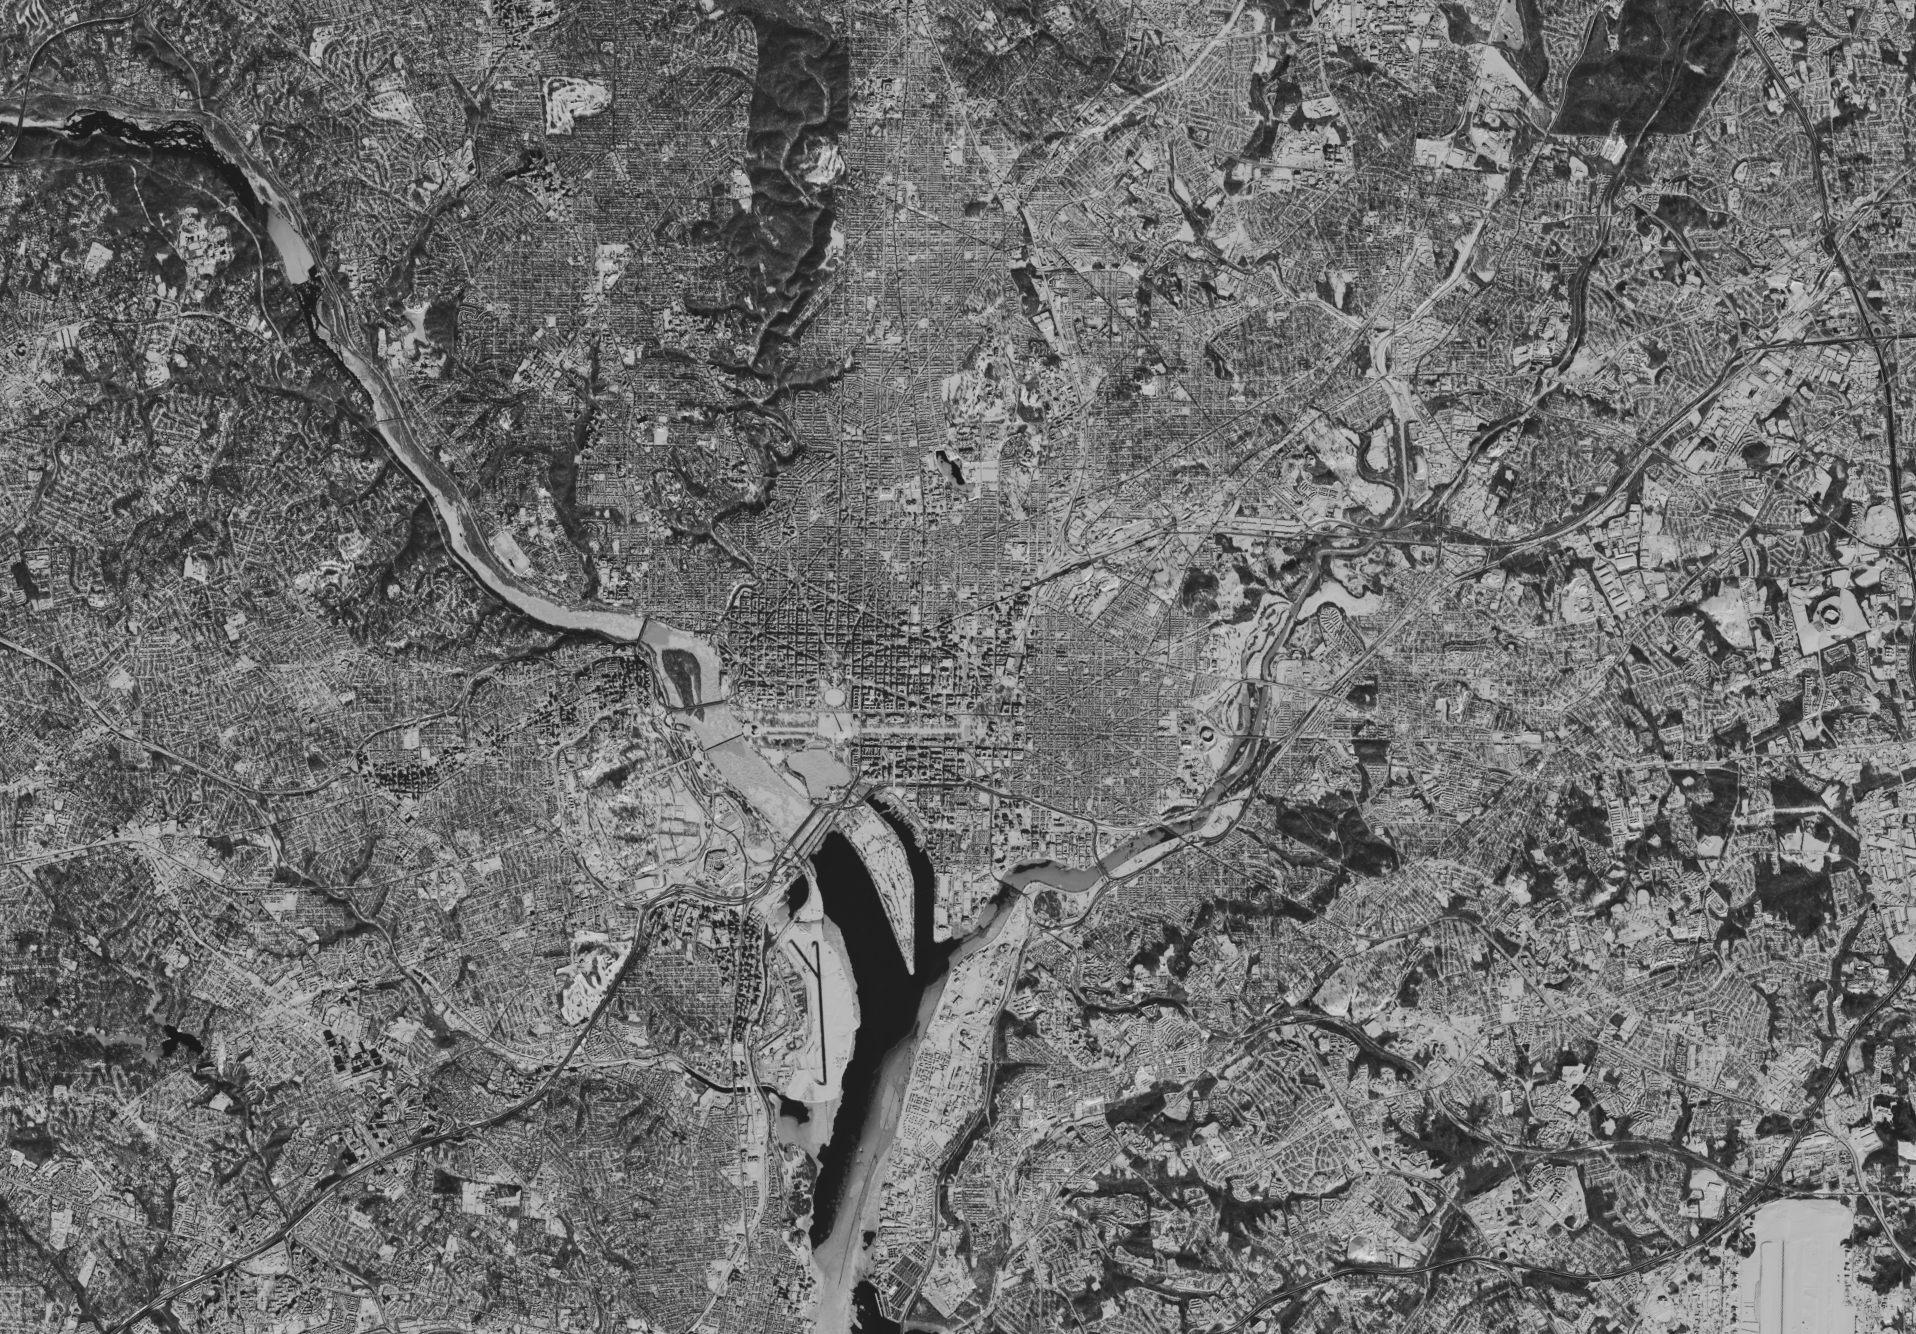 Landsat 8 - OLI - Washington - Chutes de neige - Snowzilla - Jonas - 24 janvier 2016 - Panchromatique - USGS